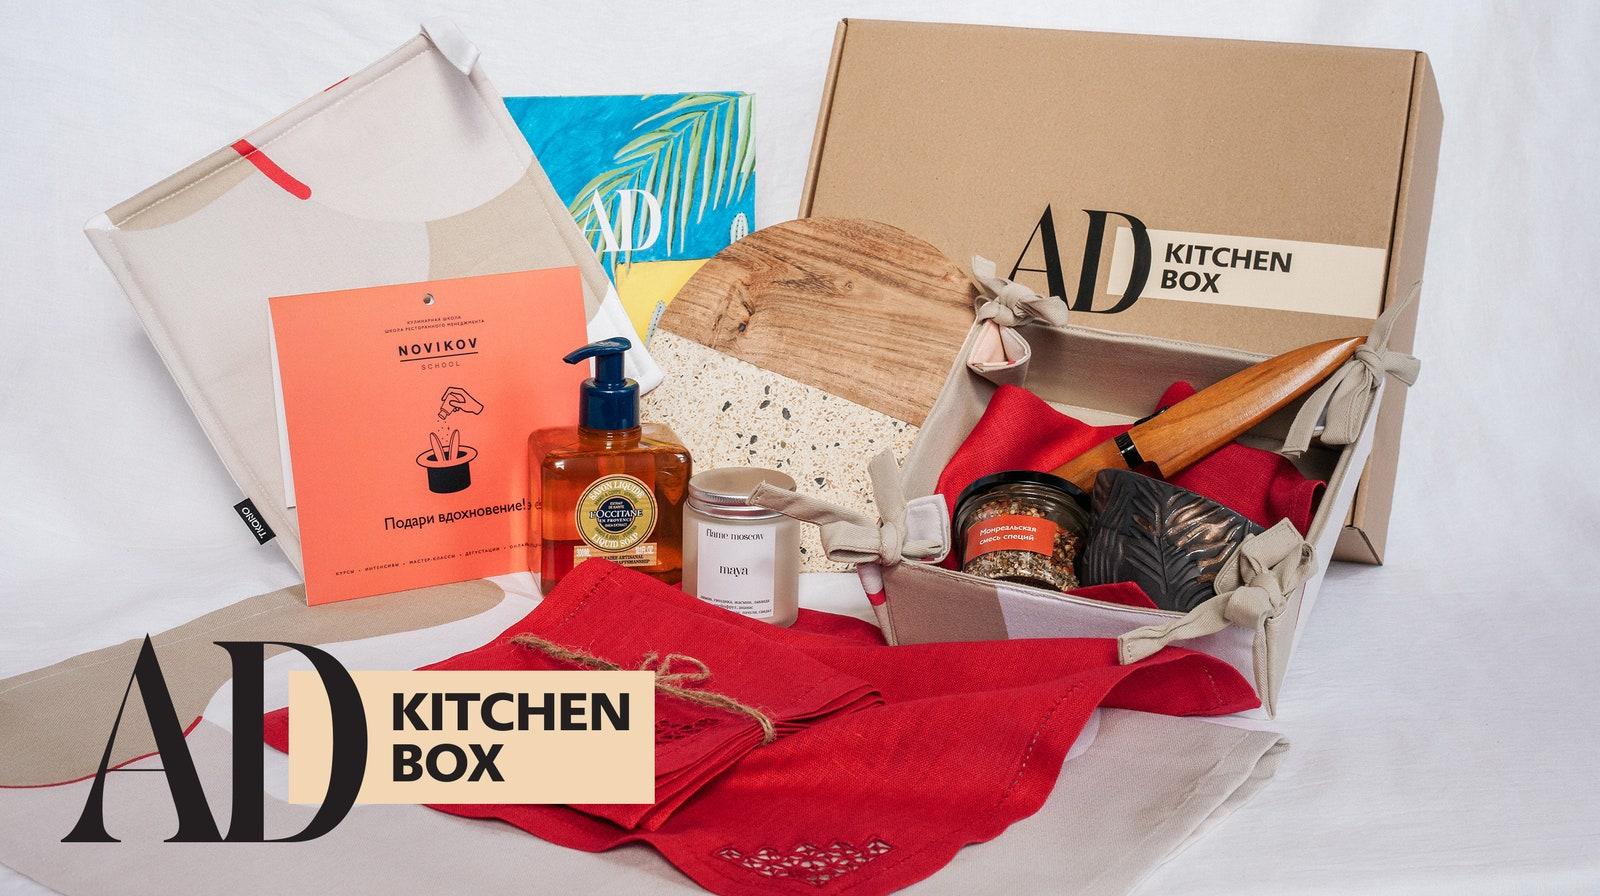 AD Kitchen Box    13